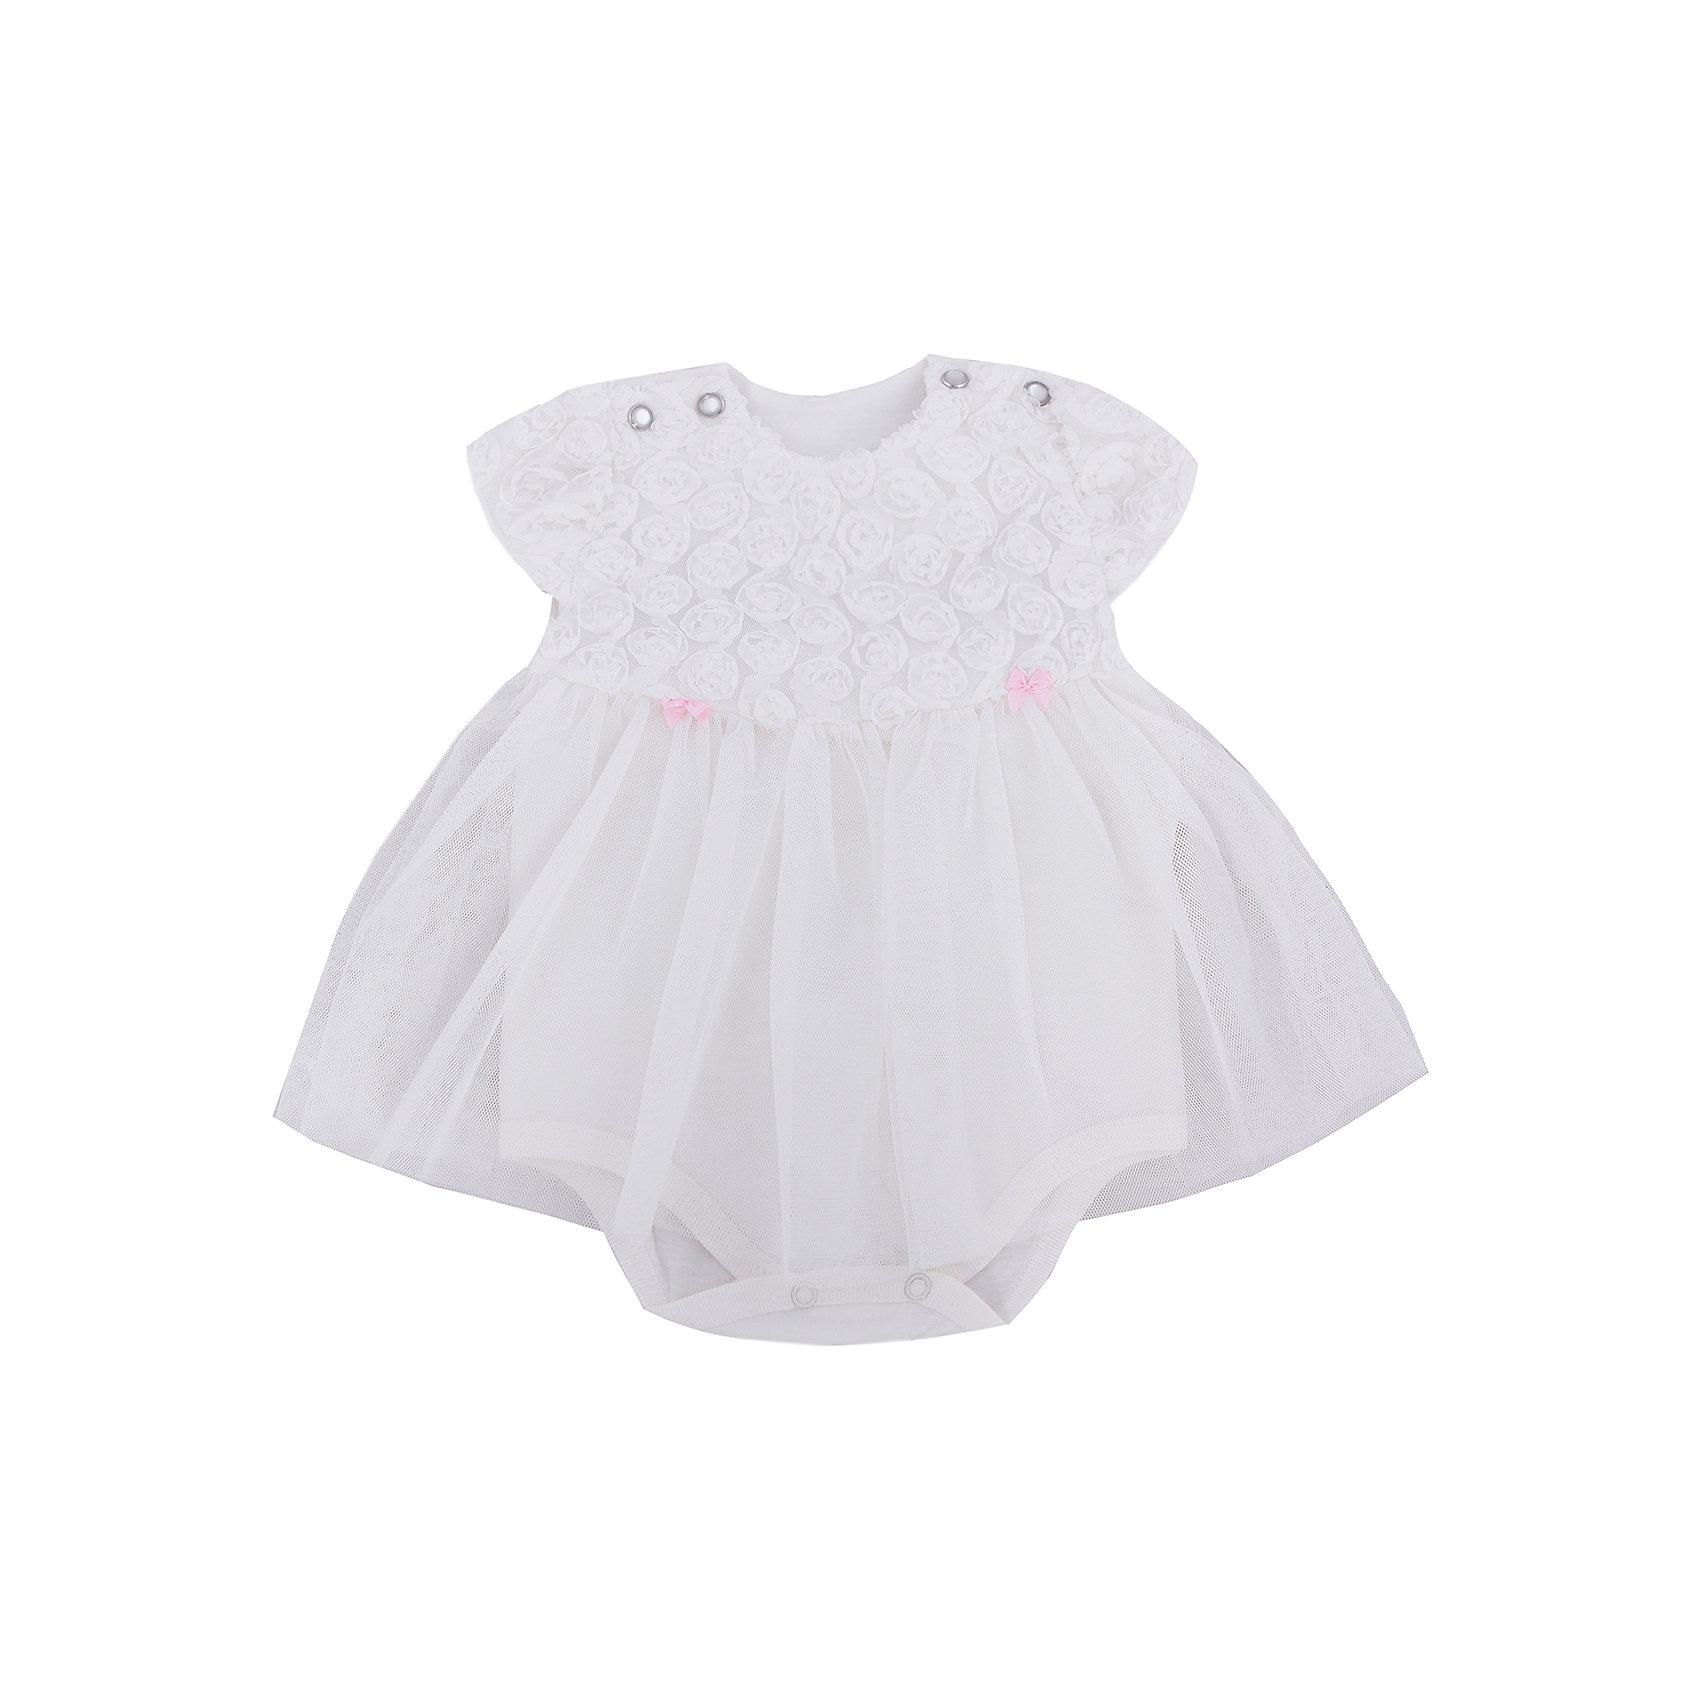 Боди-платье для девочки Soni KidsПлатье-боди для девочки от популярной марки Soni Kids <br> <br>Красивое нежное боди в виде платья сшито из мягкого дышащего хлопка. Это гипоаллергенный материал, который отлично подходит для детской одежды. Правильный крой обеспечит ребенку удобство, не будет натирать и стеснять движения. <br> <br>Особенности модели: <br> <br>- цвет - белый; <br>- материал - натуральный хлопок; <br>- отделка текстильными цветами; <br>- крылья на рукавах; <br>- мягкая окантовка; <br>- имитация пышного подола; <br>- модель декорирована бантиками; <br>- застежки - кнопки на плечах и внизу. <br> <br>Дополнительная информация: <br> <br>Состав: 100% хлопок <br> <br>Платье-боди для девочки от популярной марки Soni Kids (Сони Кидс) можно купить в нашем магазине.<br><br>Ширина мм: 157<br>Глубина мм: 13<br>Высота мм: 119<br>Вес г: 200<br>Цвет: белый<br>Возраст от месяцев: 12<br>Возраст до месяцев: 15<br>Пол: Женский<br>Возраст: Детский<br>Размер: 80,62,68,74<br>SKU: 4544969